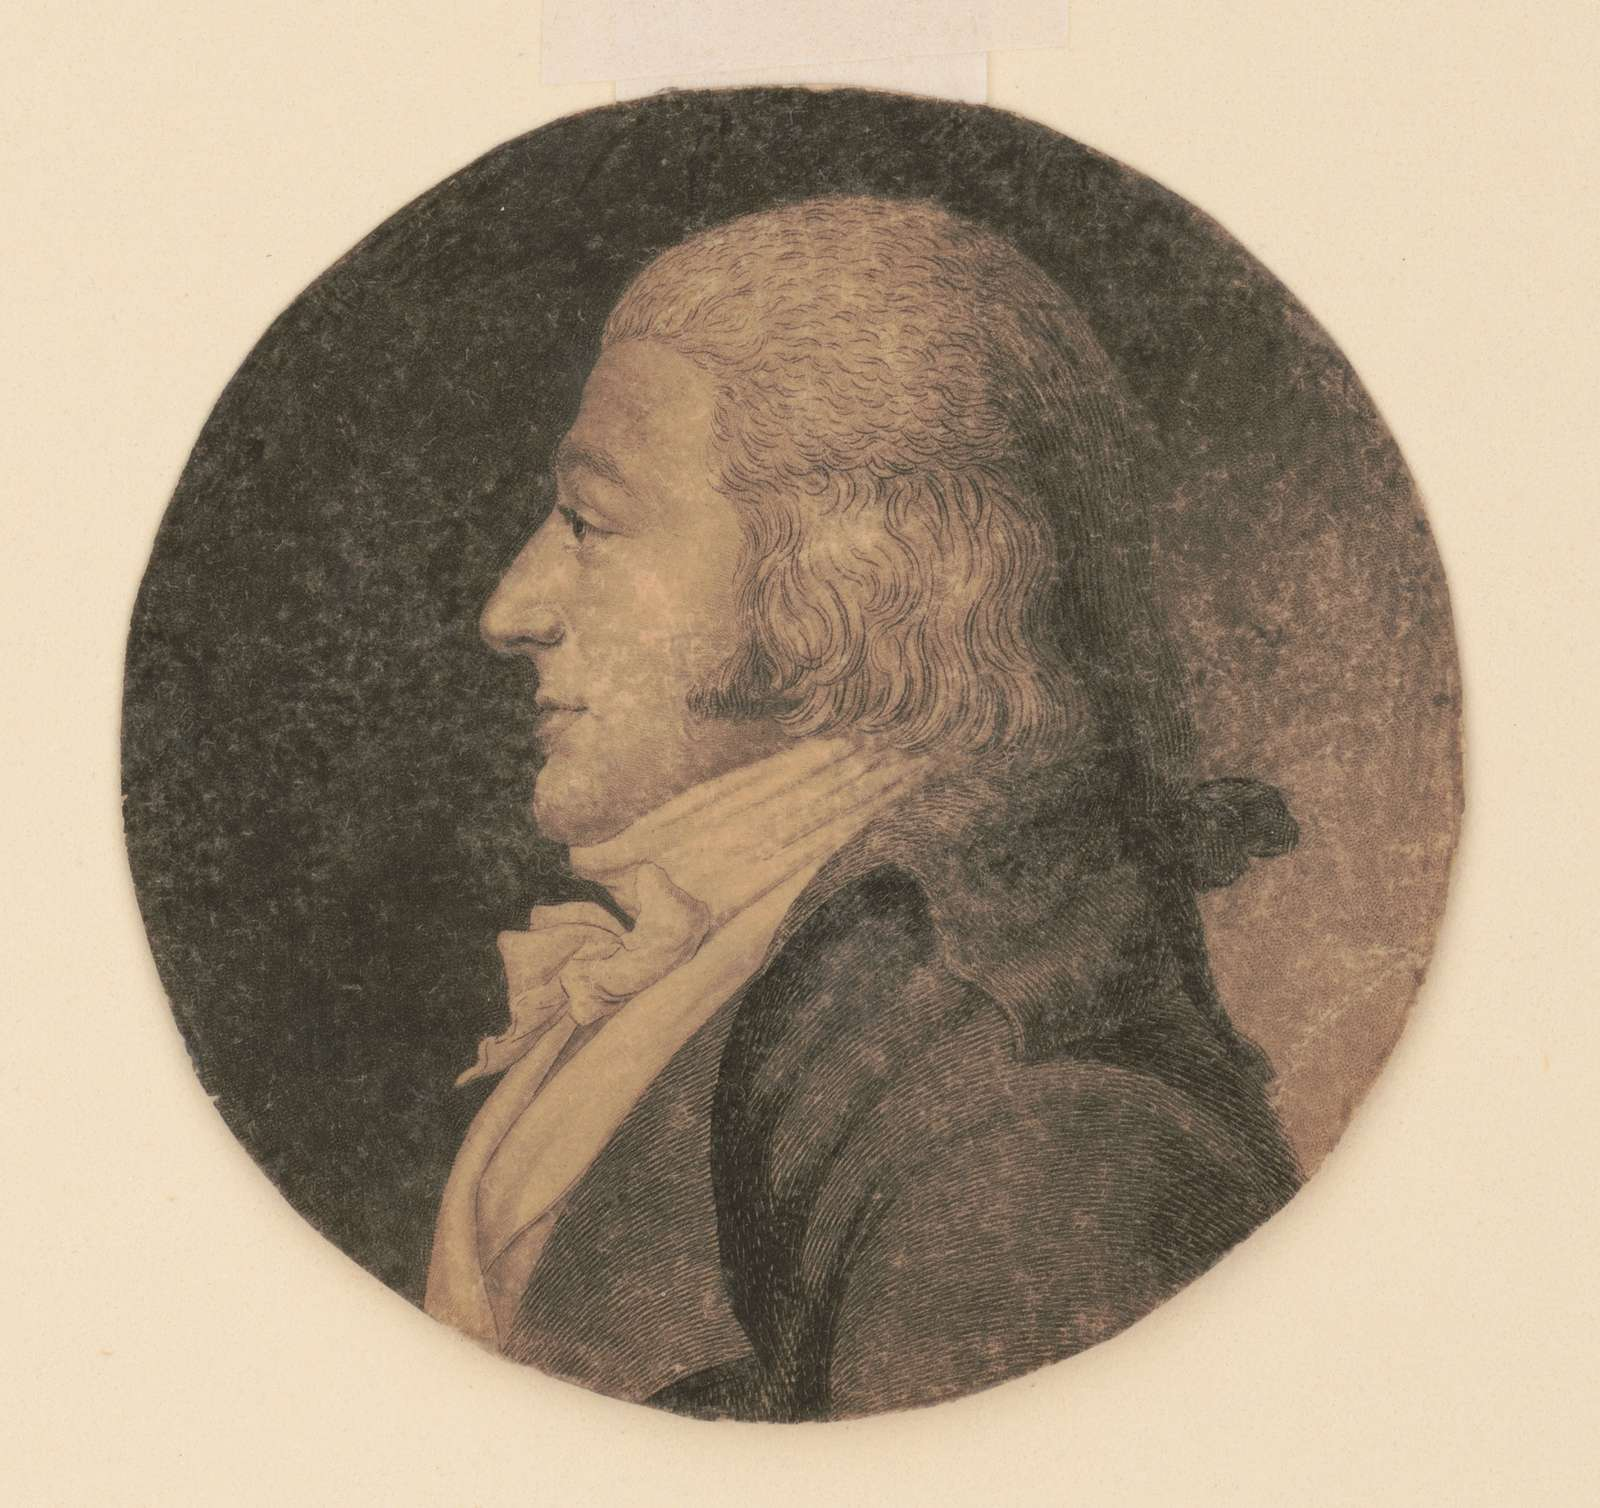 Charles de Lagarenne, head-and-shoulders portrait, left profile